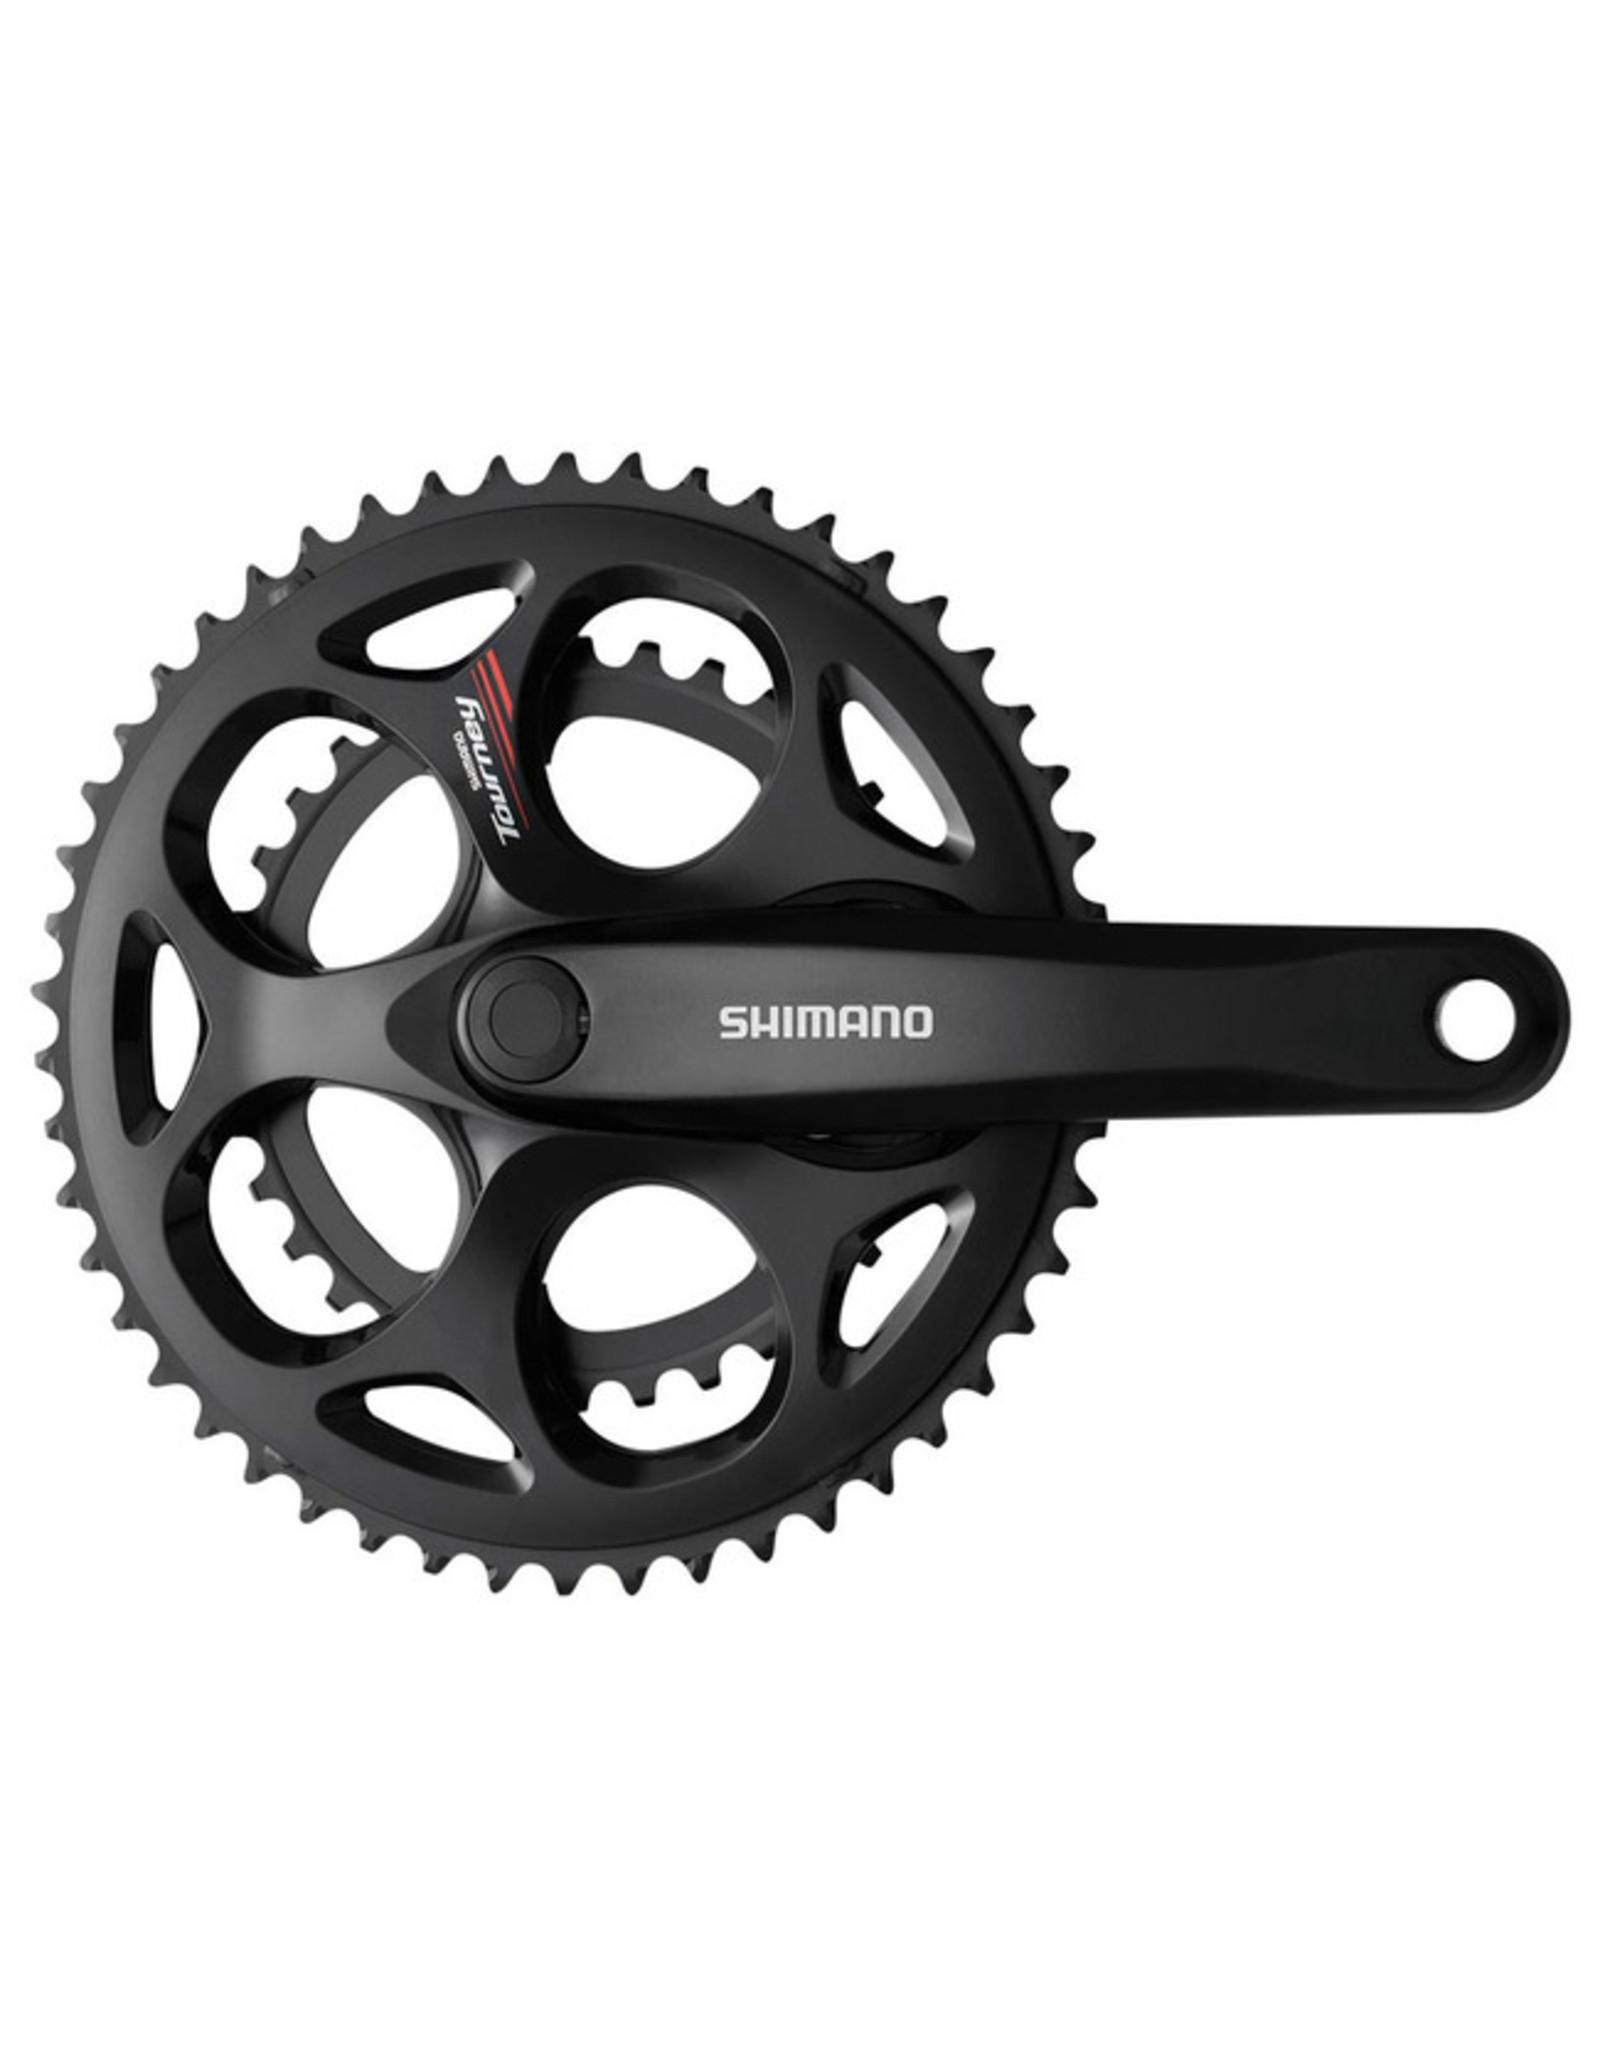 SHIMANO Shimano Front Chainwheel, A070 FC-A070, 170mm 50x34, W/O Chainguard W/O Fixing Bolt